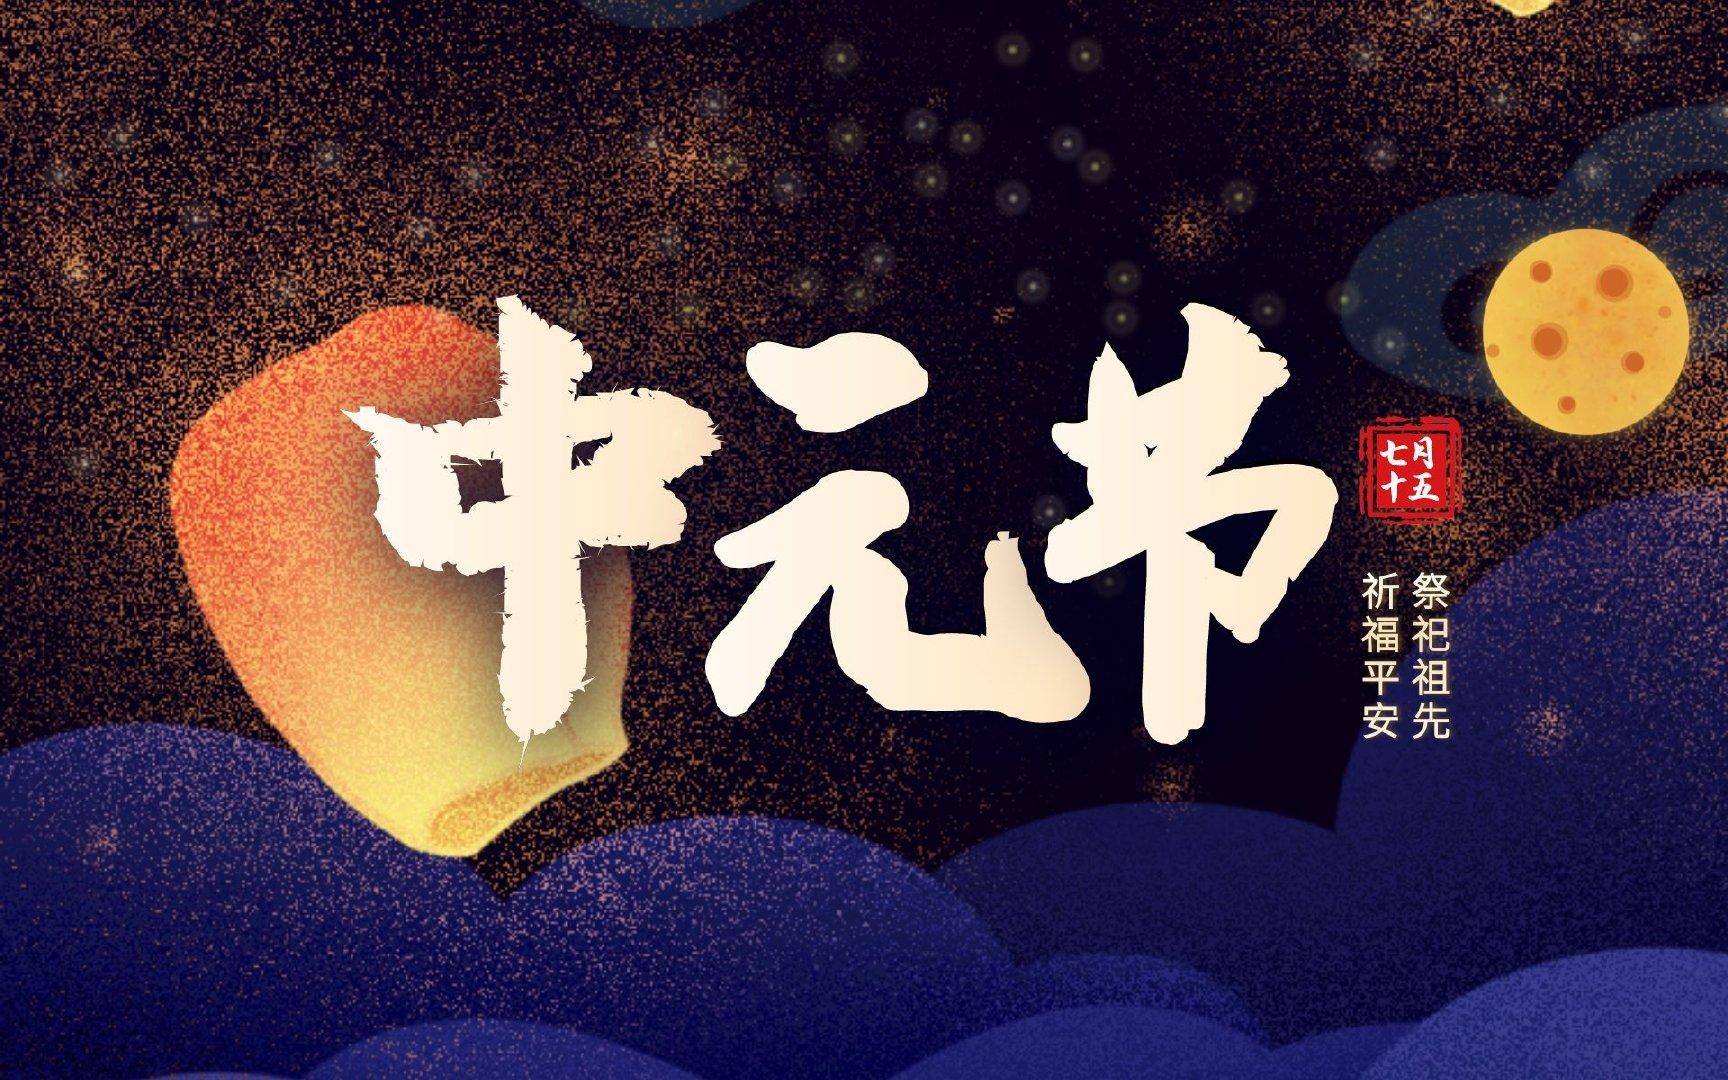 中元节正确打开方式,中元节晚上能出门吗